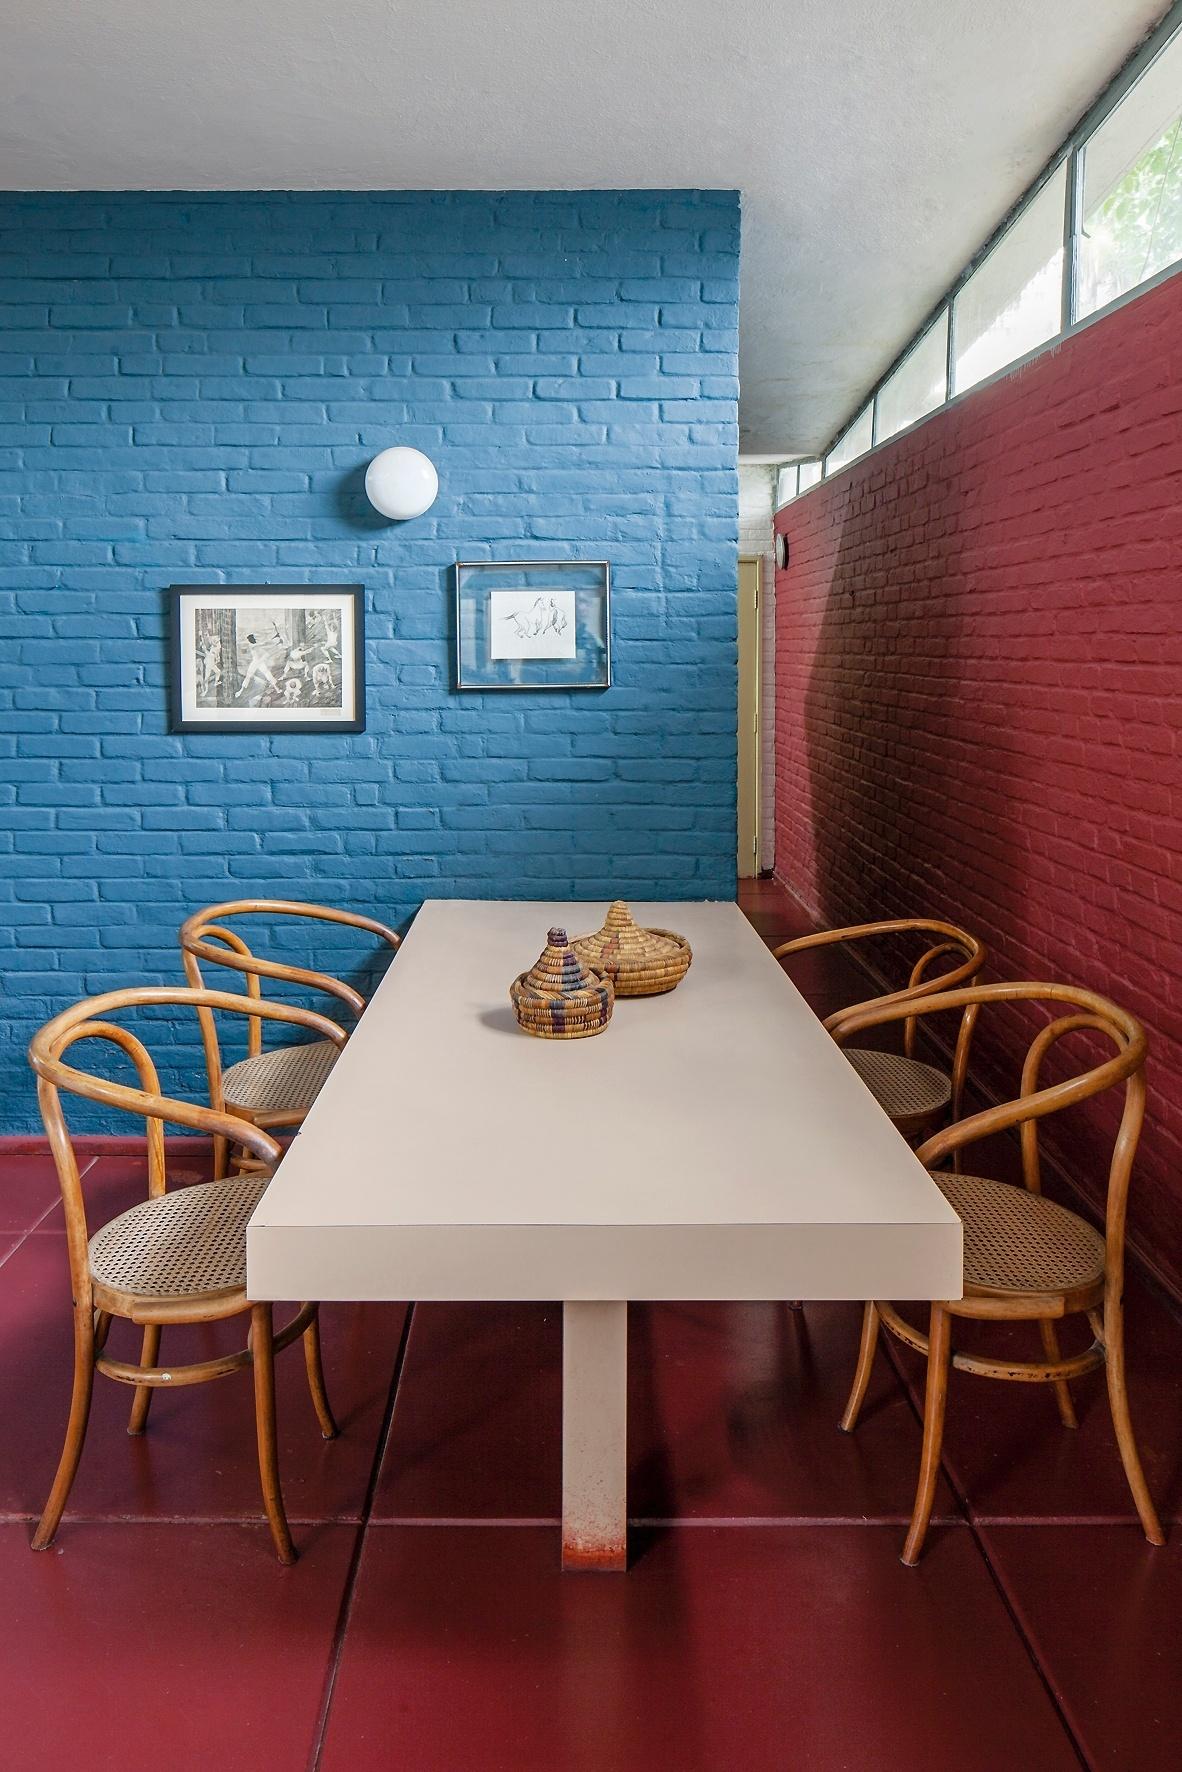 Os tijolos das paredes foram deixados à vista e pintados, ora de azul, ora de vermelho, em harmonia com o piso. A mesa de refeições é servida pelas cadeiras Thonet, em voga na época da construção (1949). A passagem lateral (à dir.) dá acesso à cozinha da Casa do Arquiteto, projetada por João Batista Vilanova Artigas (1915-1985)